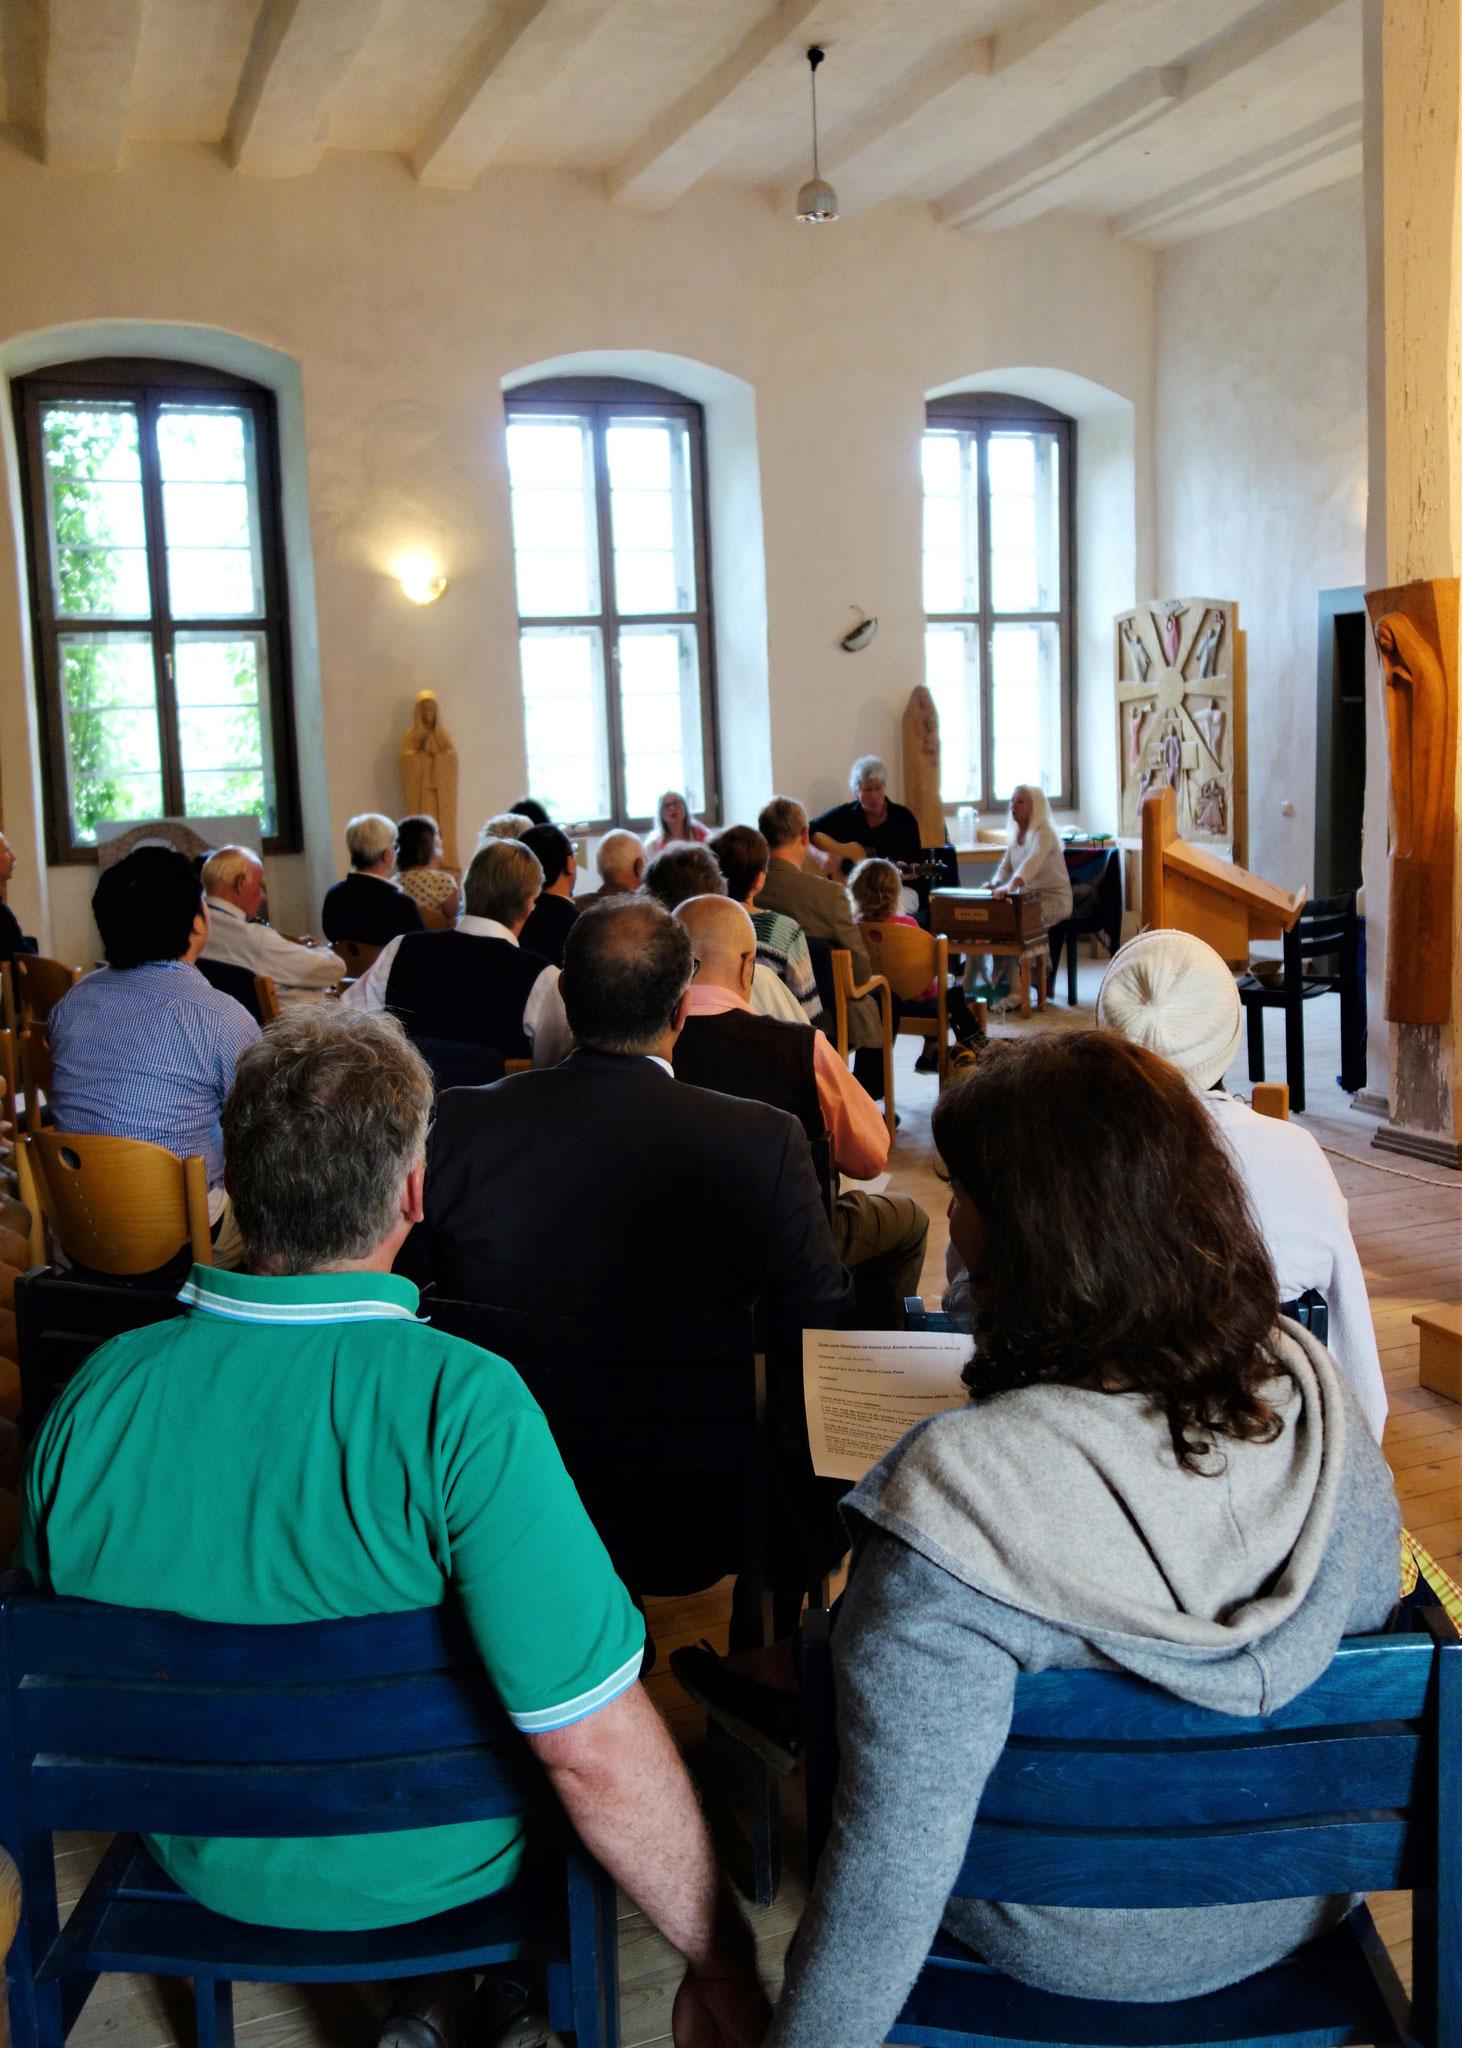 Das TRIO MUSIKAVIVA versteht es den Raum im Nordflügel des Klosters mit Liebe zu füllen. Foto: Jennifer Peppler